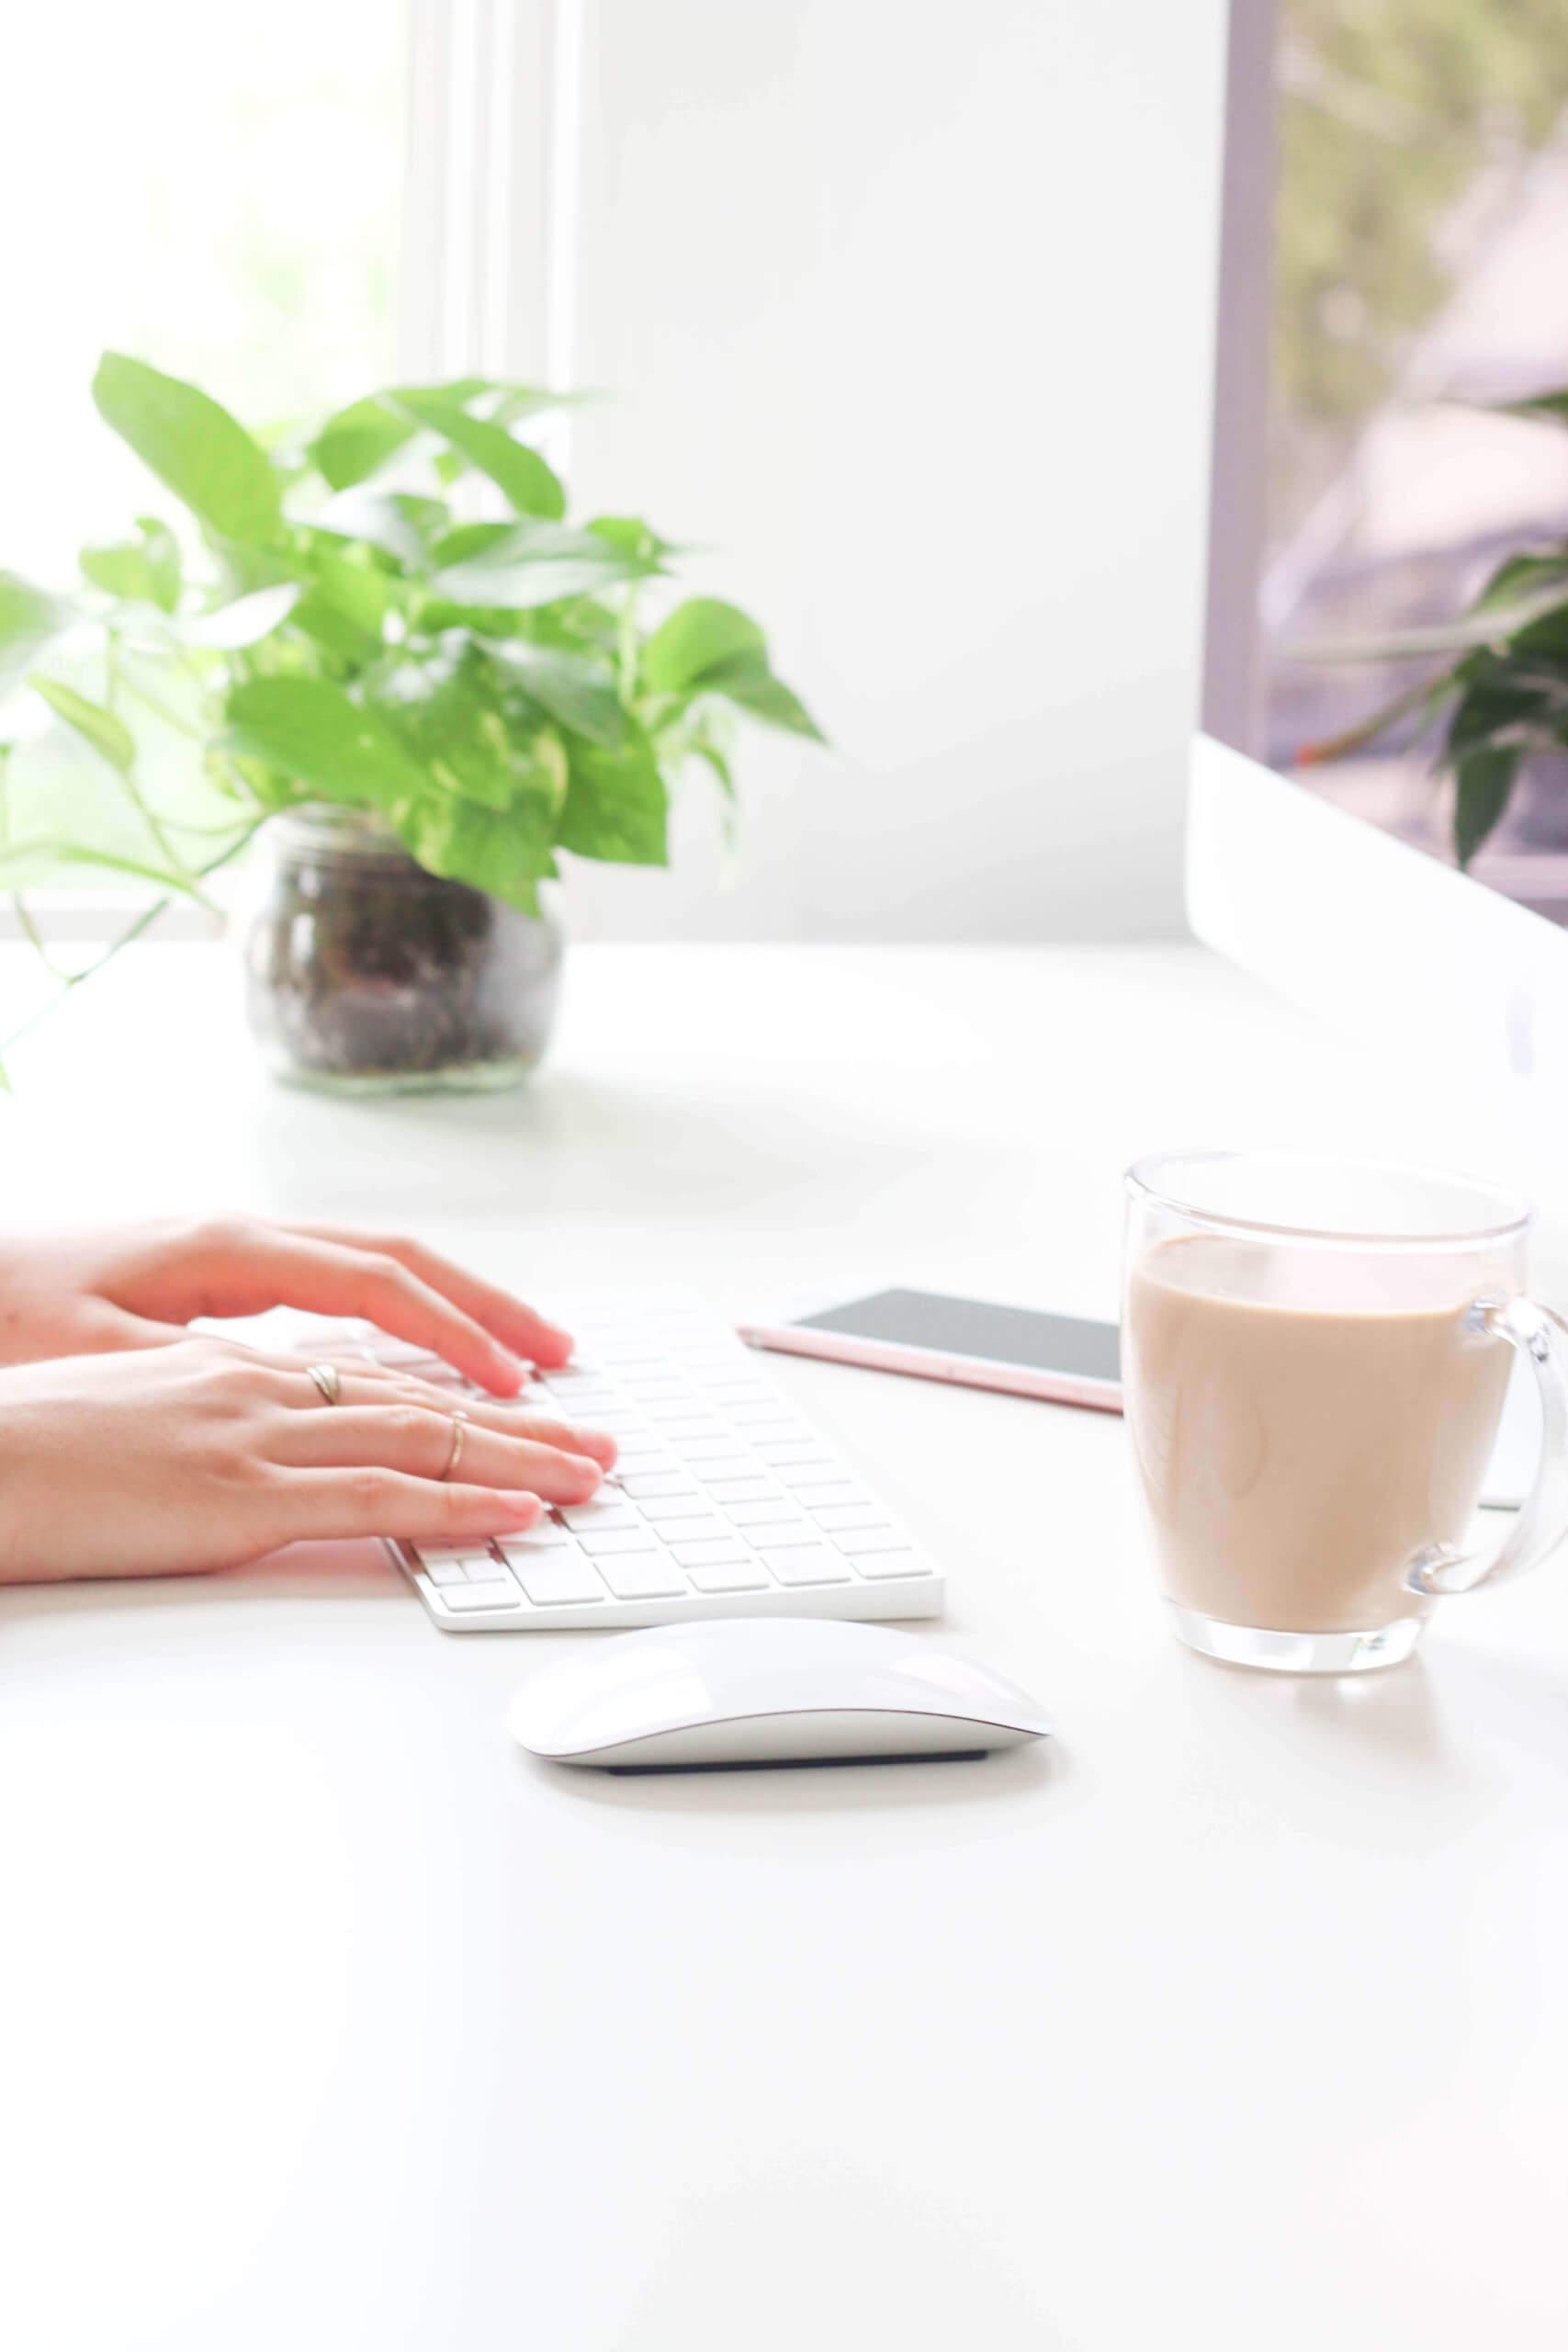 markenberatung digitaler kaffee weitsicht design scaled